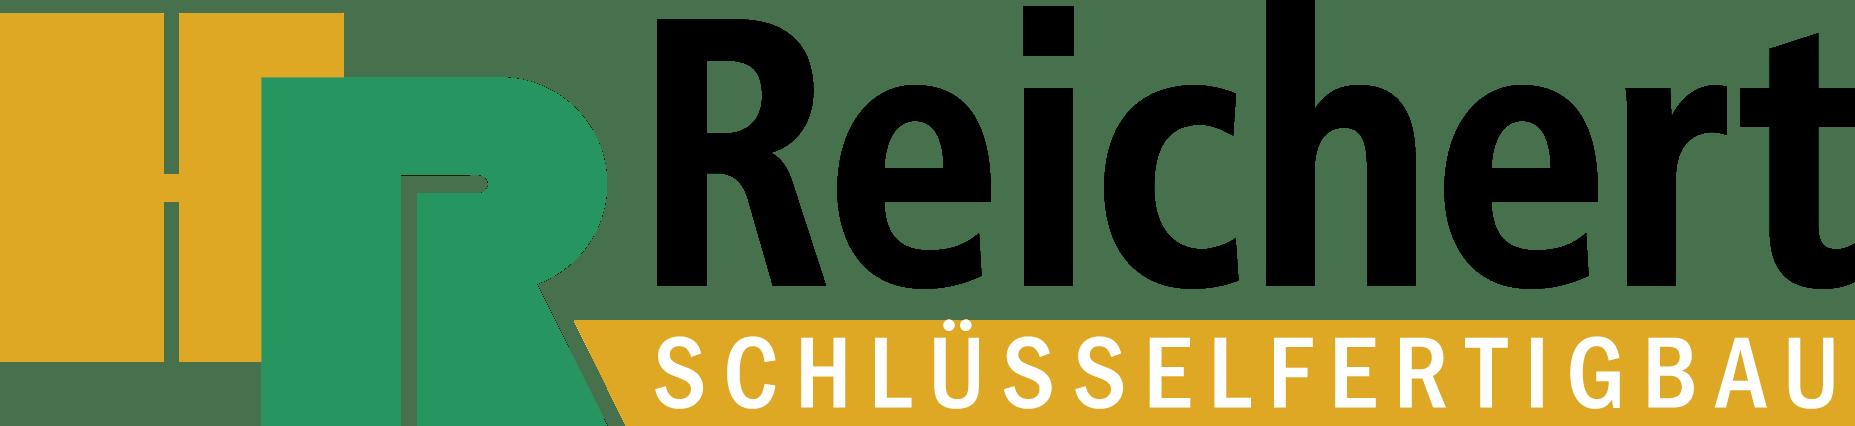 Reichert.png